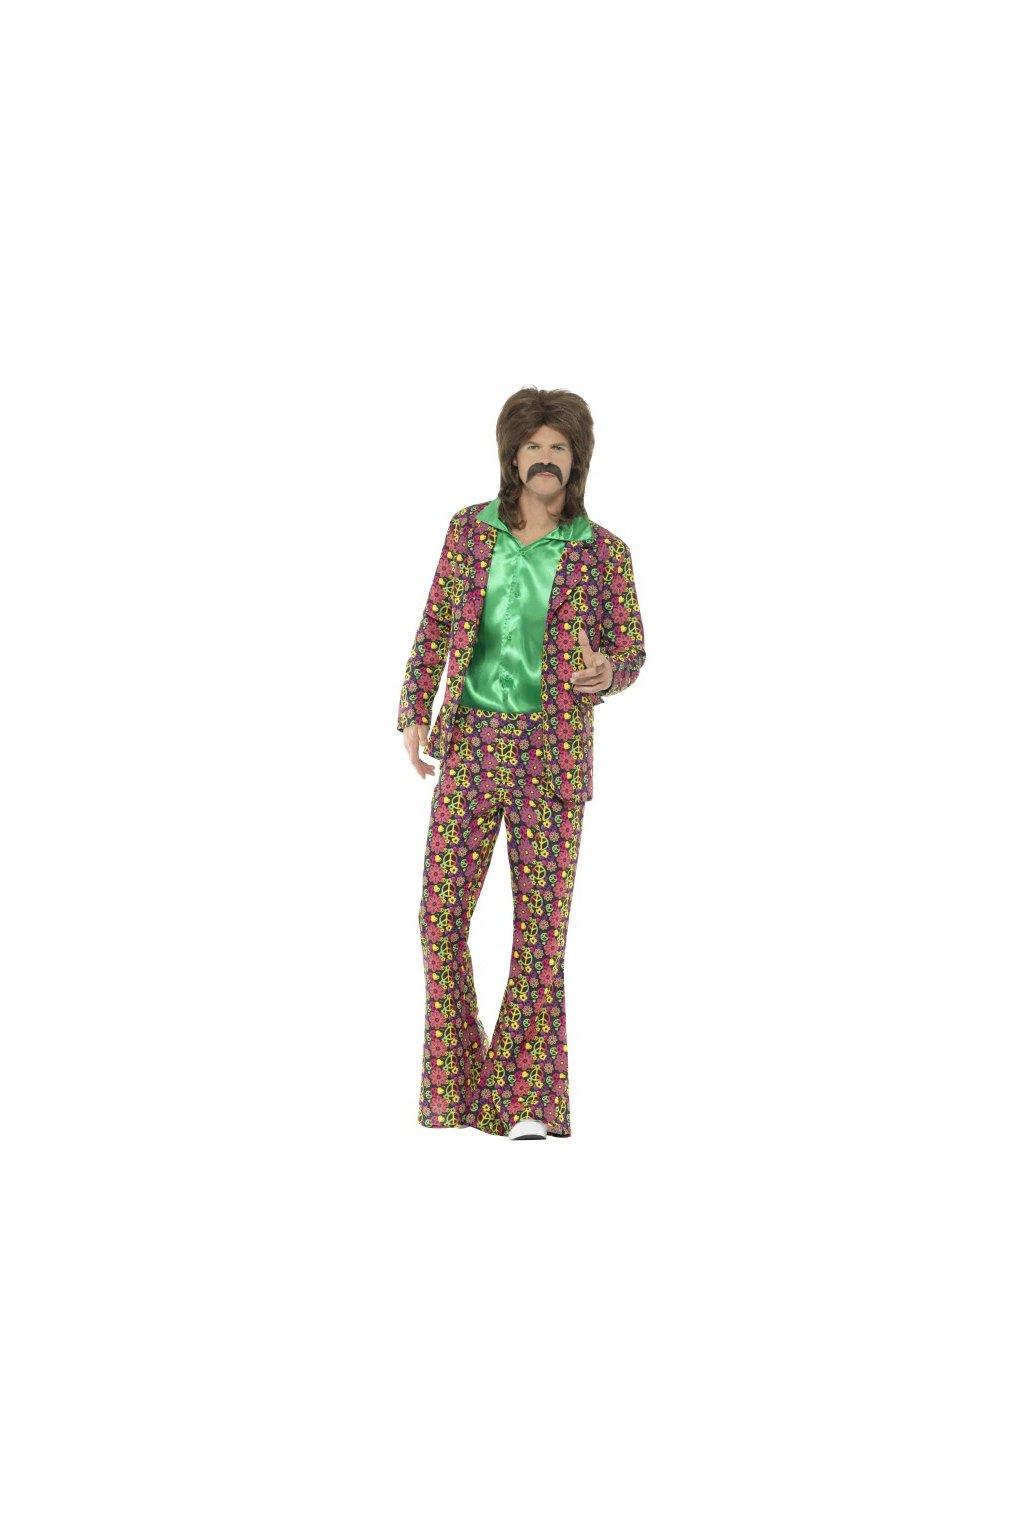 Pánský hippie oblek - psychedelic 60´s